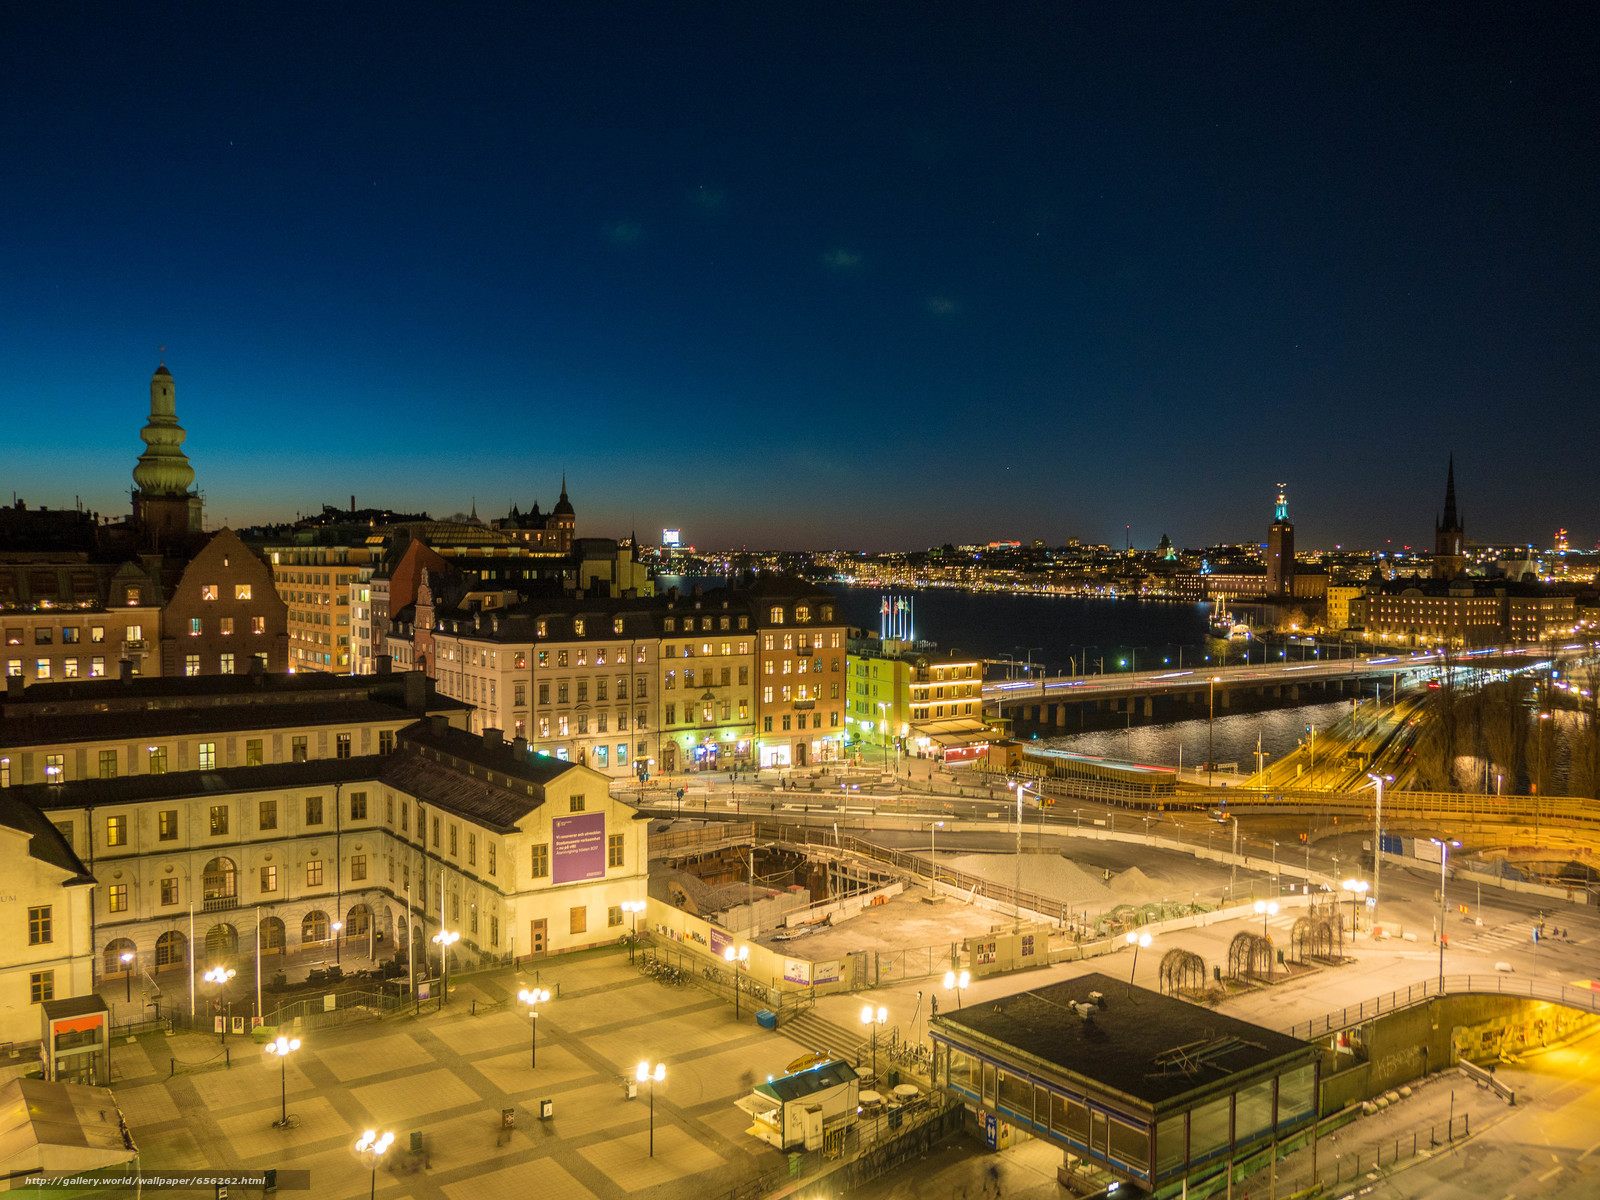 壁紙をダウンロード ストックホルム,  スウェーデン,  都市 デスクトップの解像度のための無料壁紙 4608x3456 — 絵 №656262